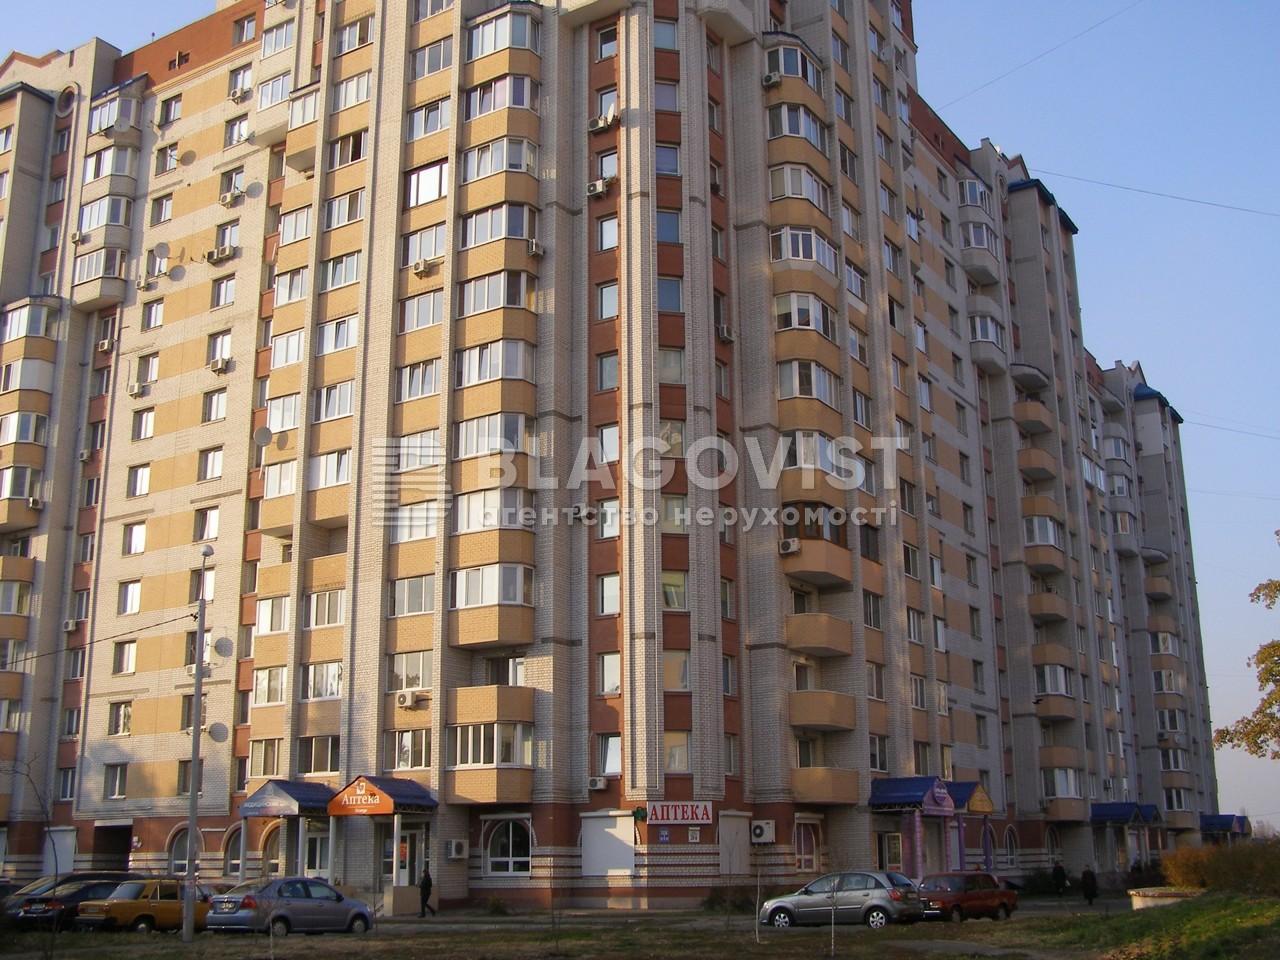 Салон краси, Z-1163350, Алма-Атинська, Київ - Фото 1